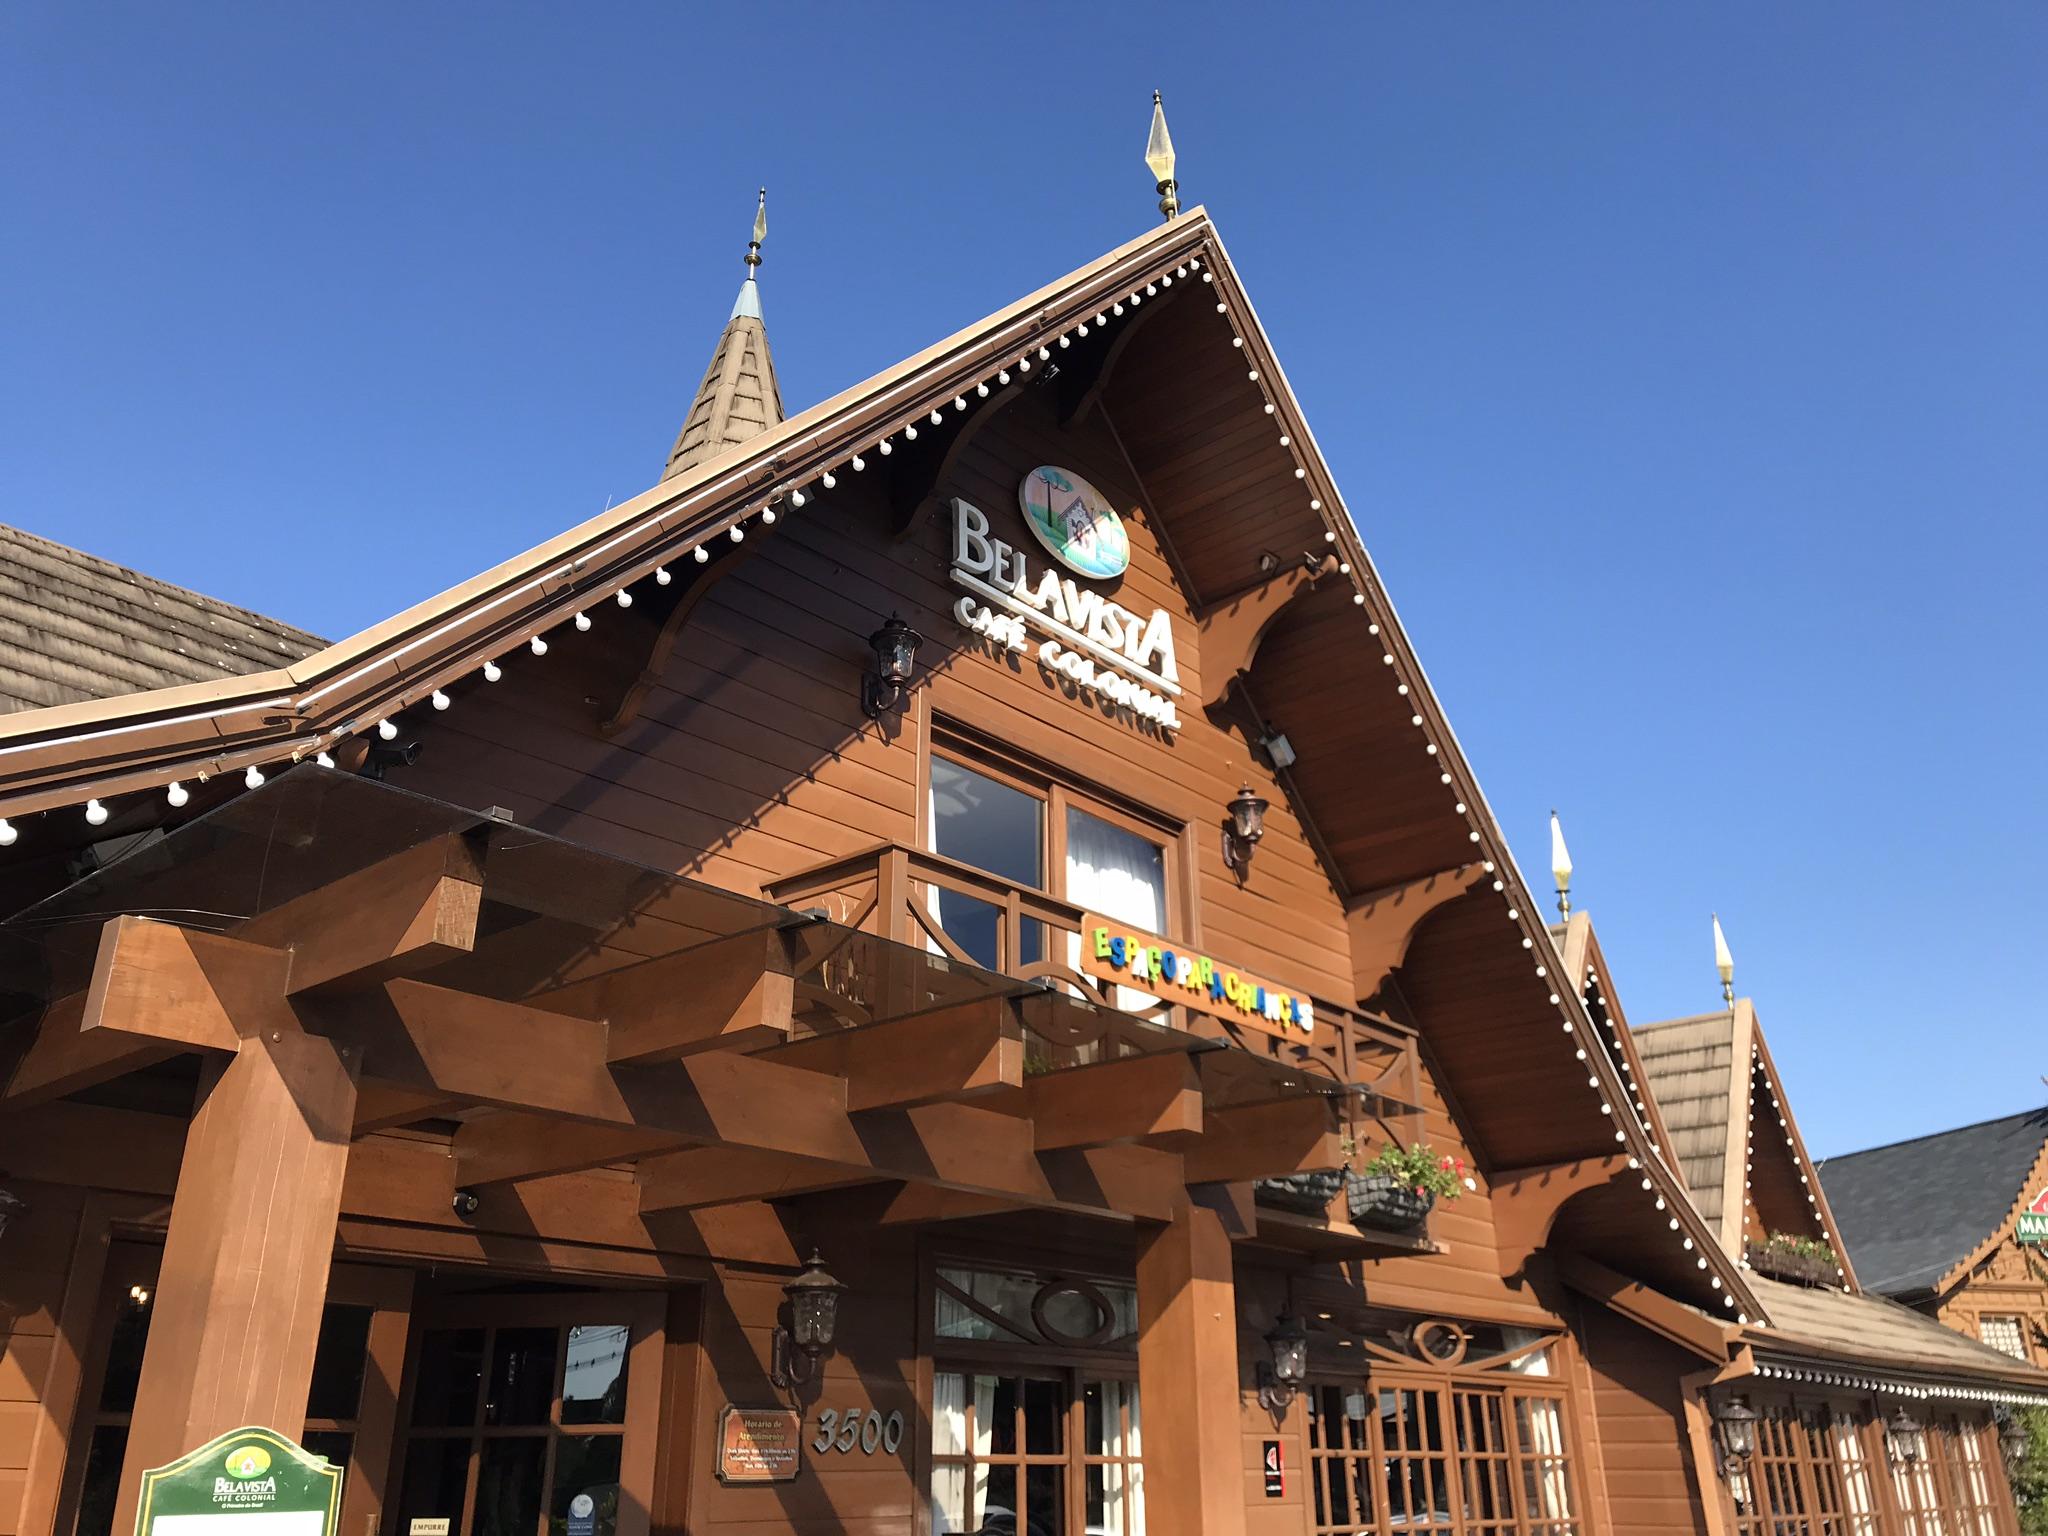 café colonial bela vista gramado fachada